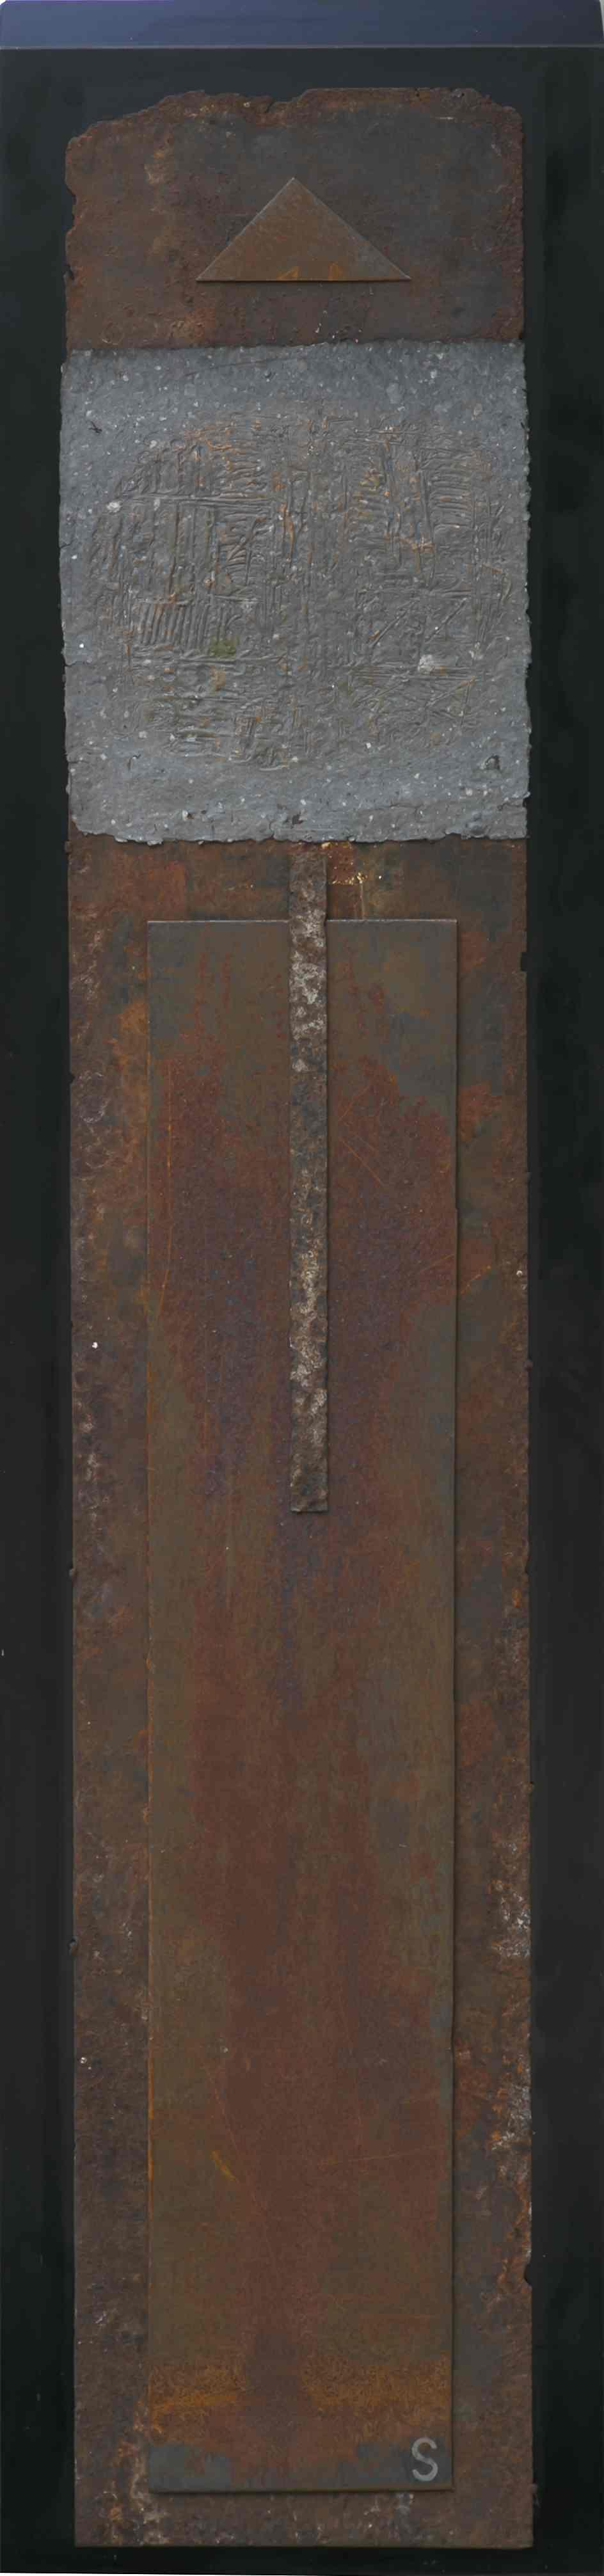 Stele n°7, ferro corroso, grafica di sperimentazione su carta a mano su tavola, 175x40, 1999